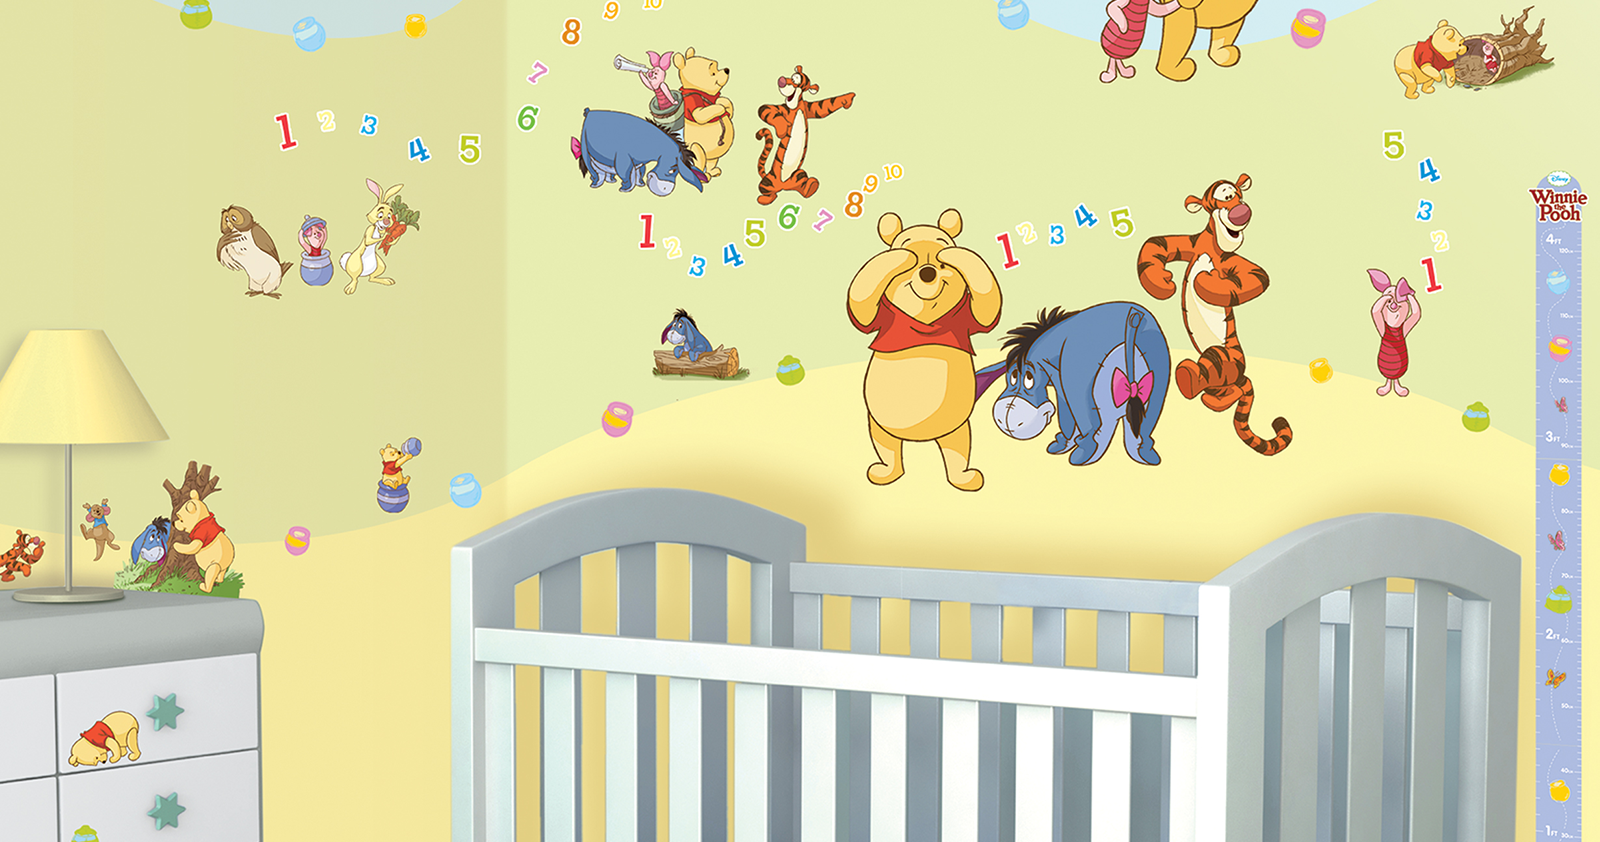 Muursticker winnie the pooh muurstickers - Babyzimmer winnie pooh ...